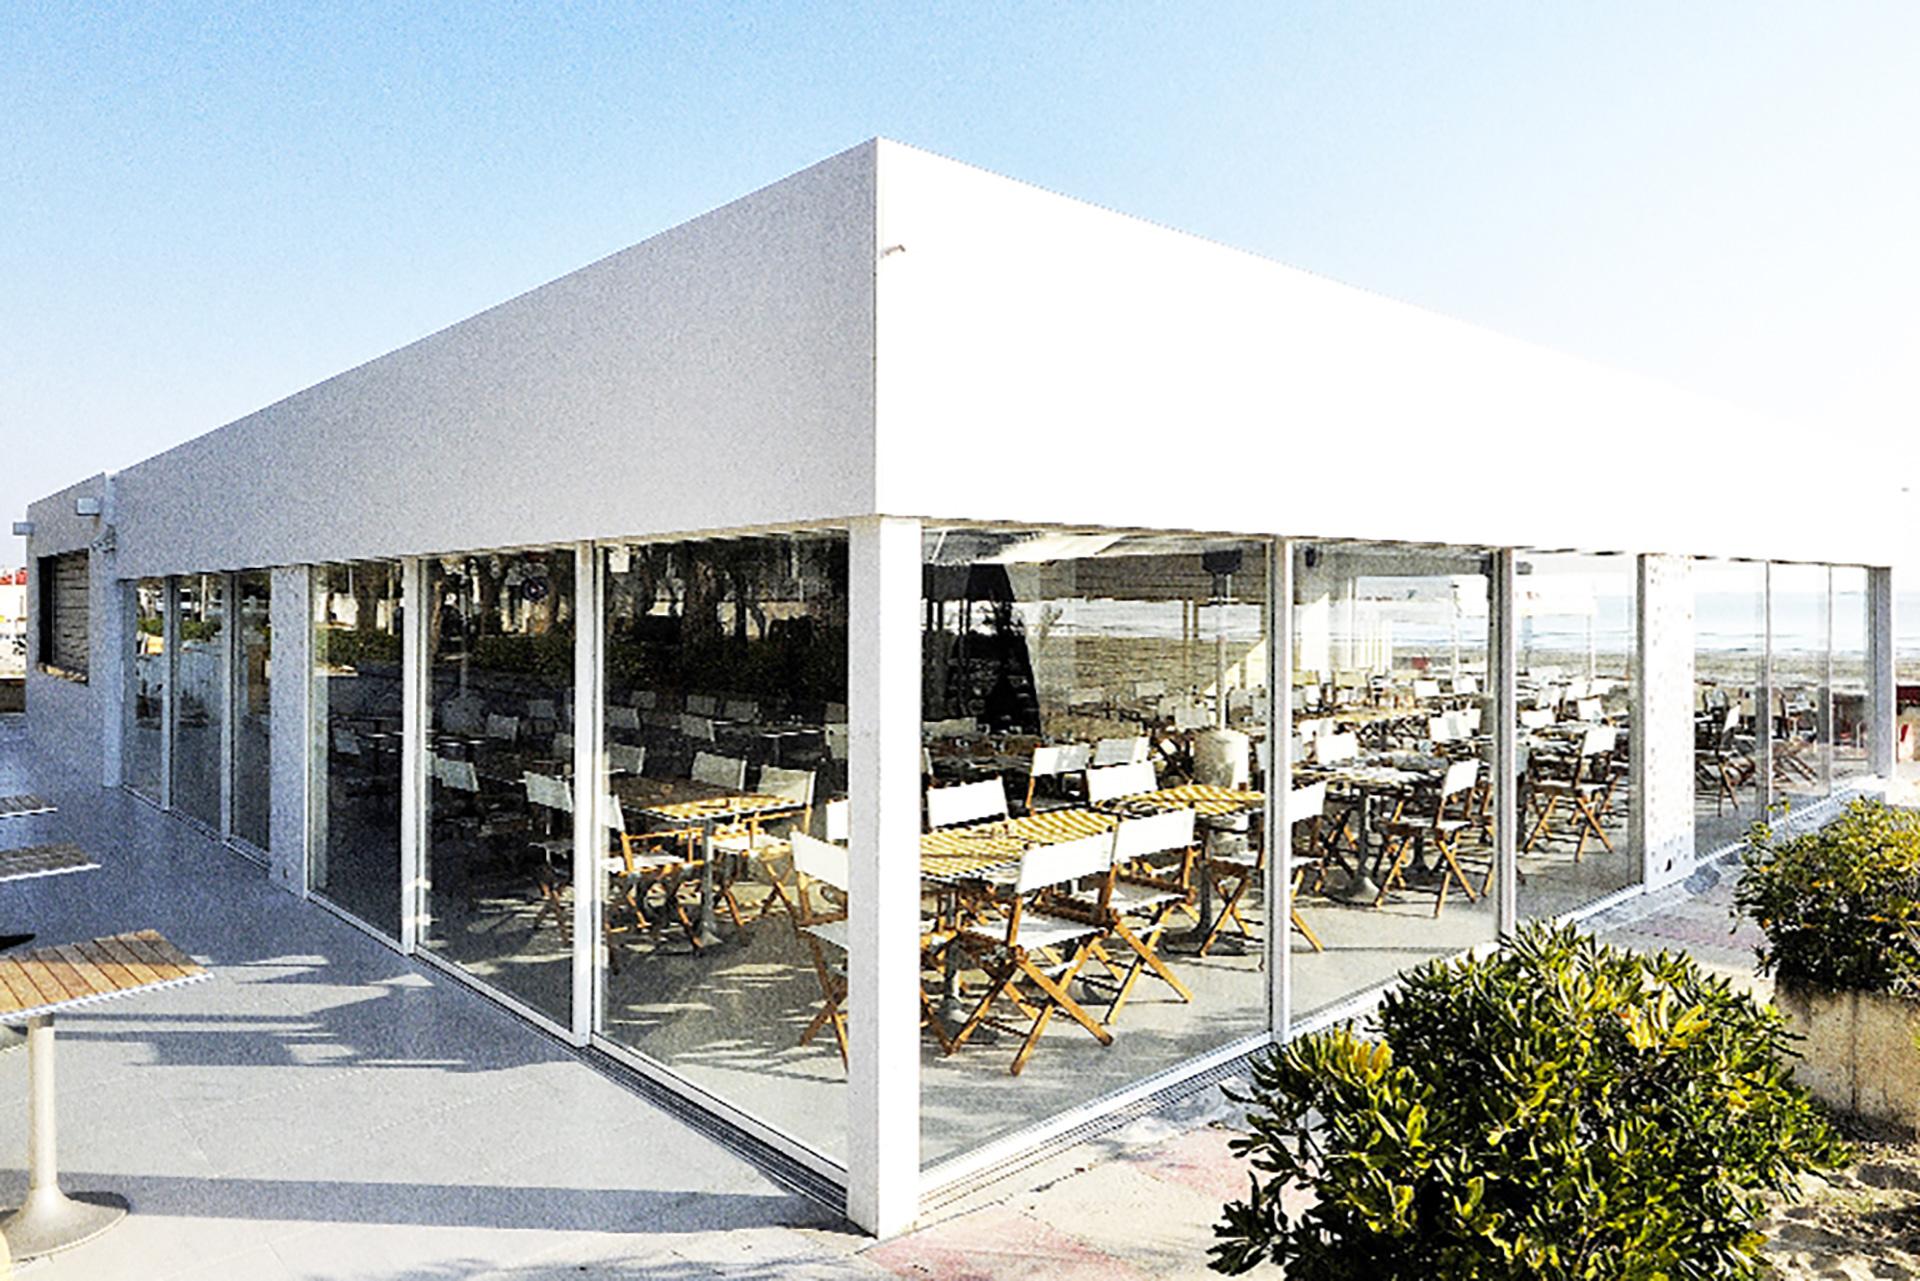 ristorante maremoto. il nuovo manufatto rivestito con pannelli di forex e tamponato con vetrate.